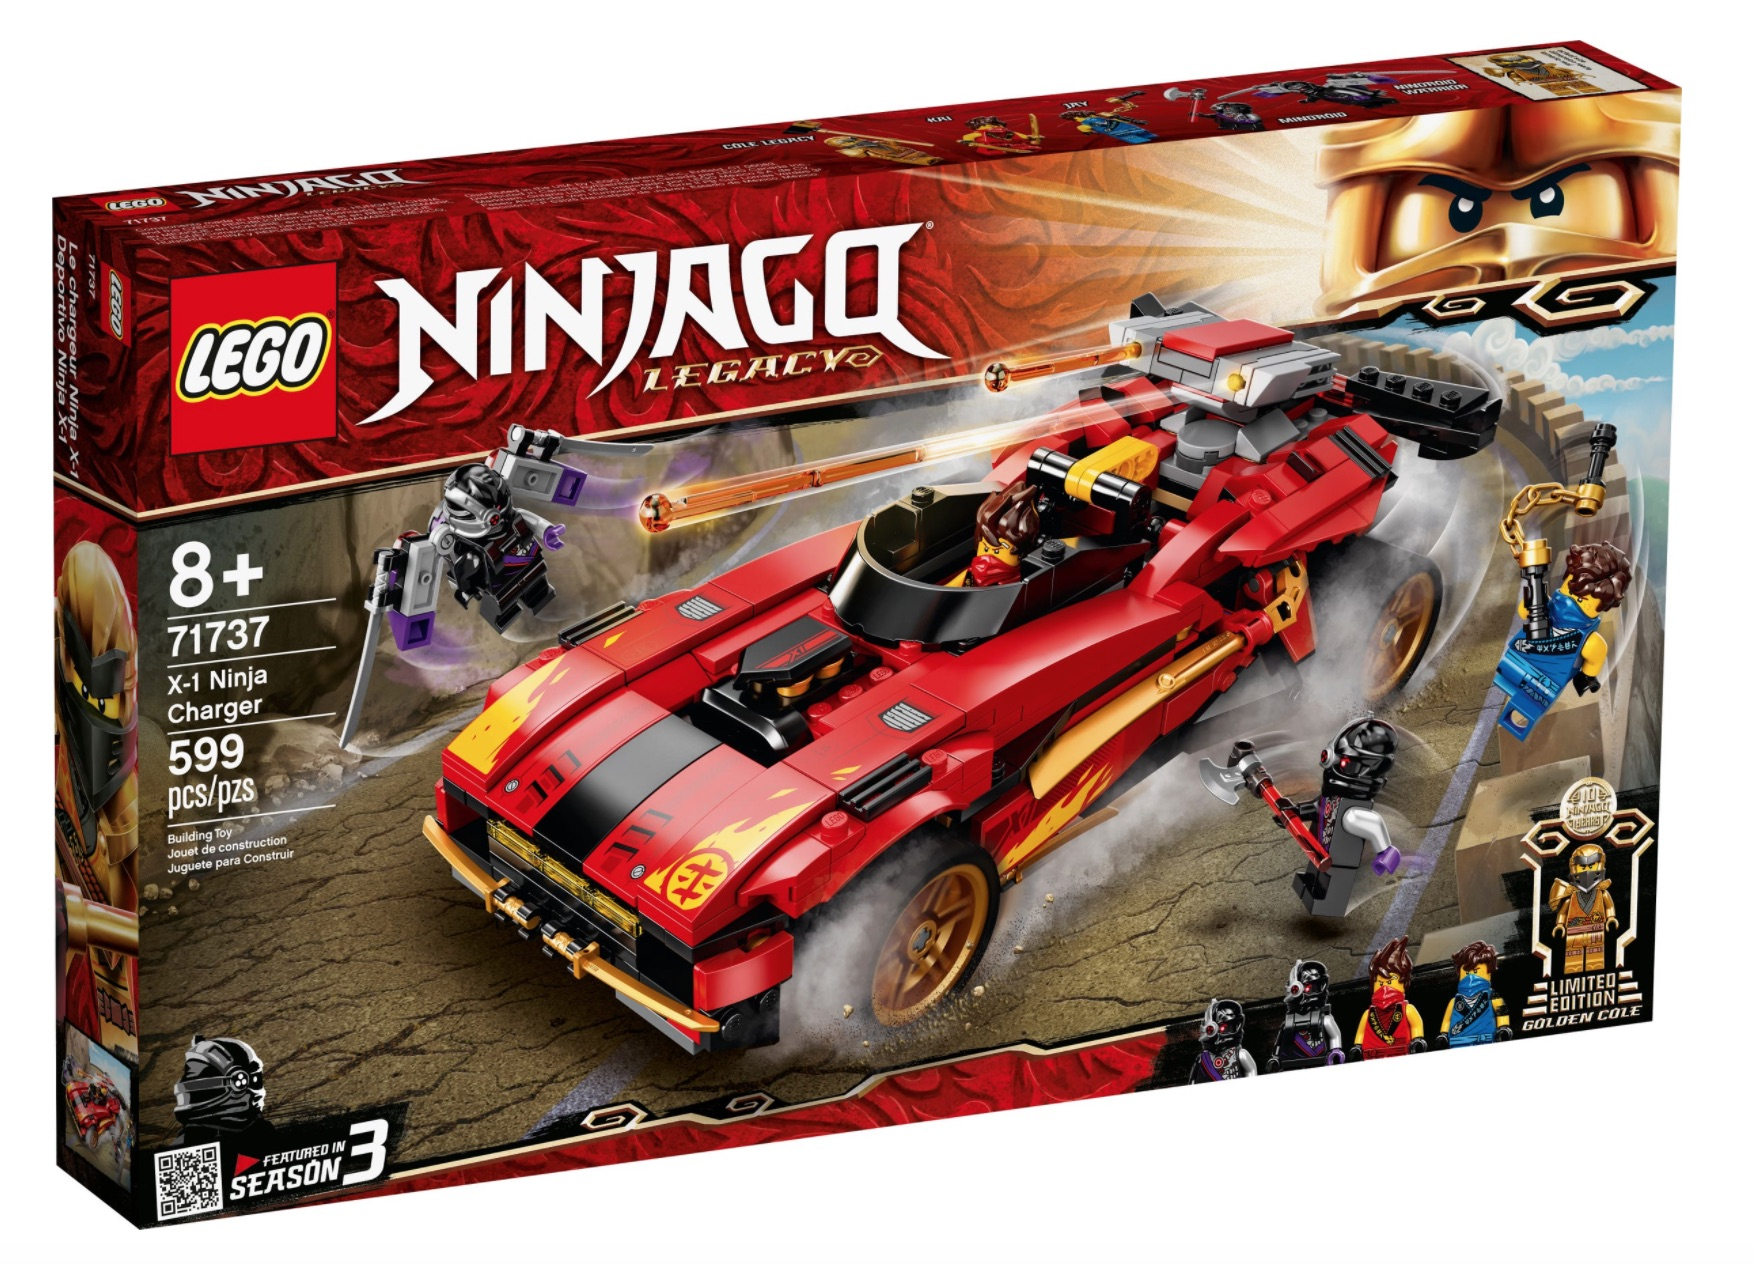 LEGO Ninjago 71737 - Super-bolide Ninja X-1 00001